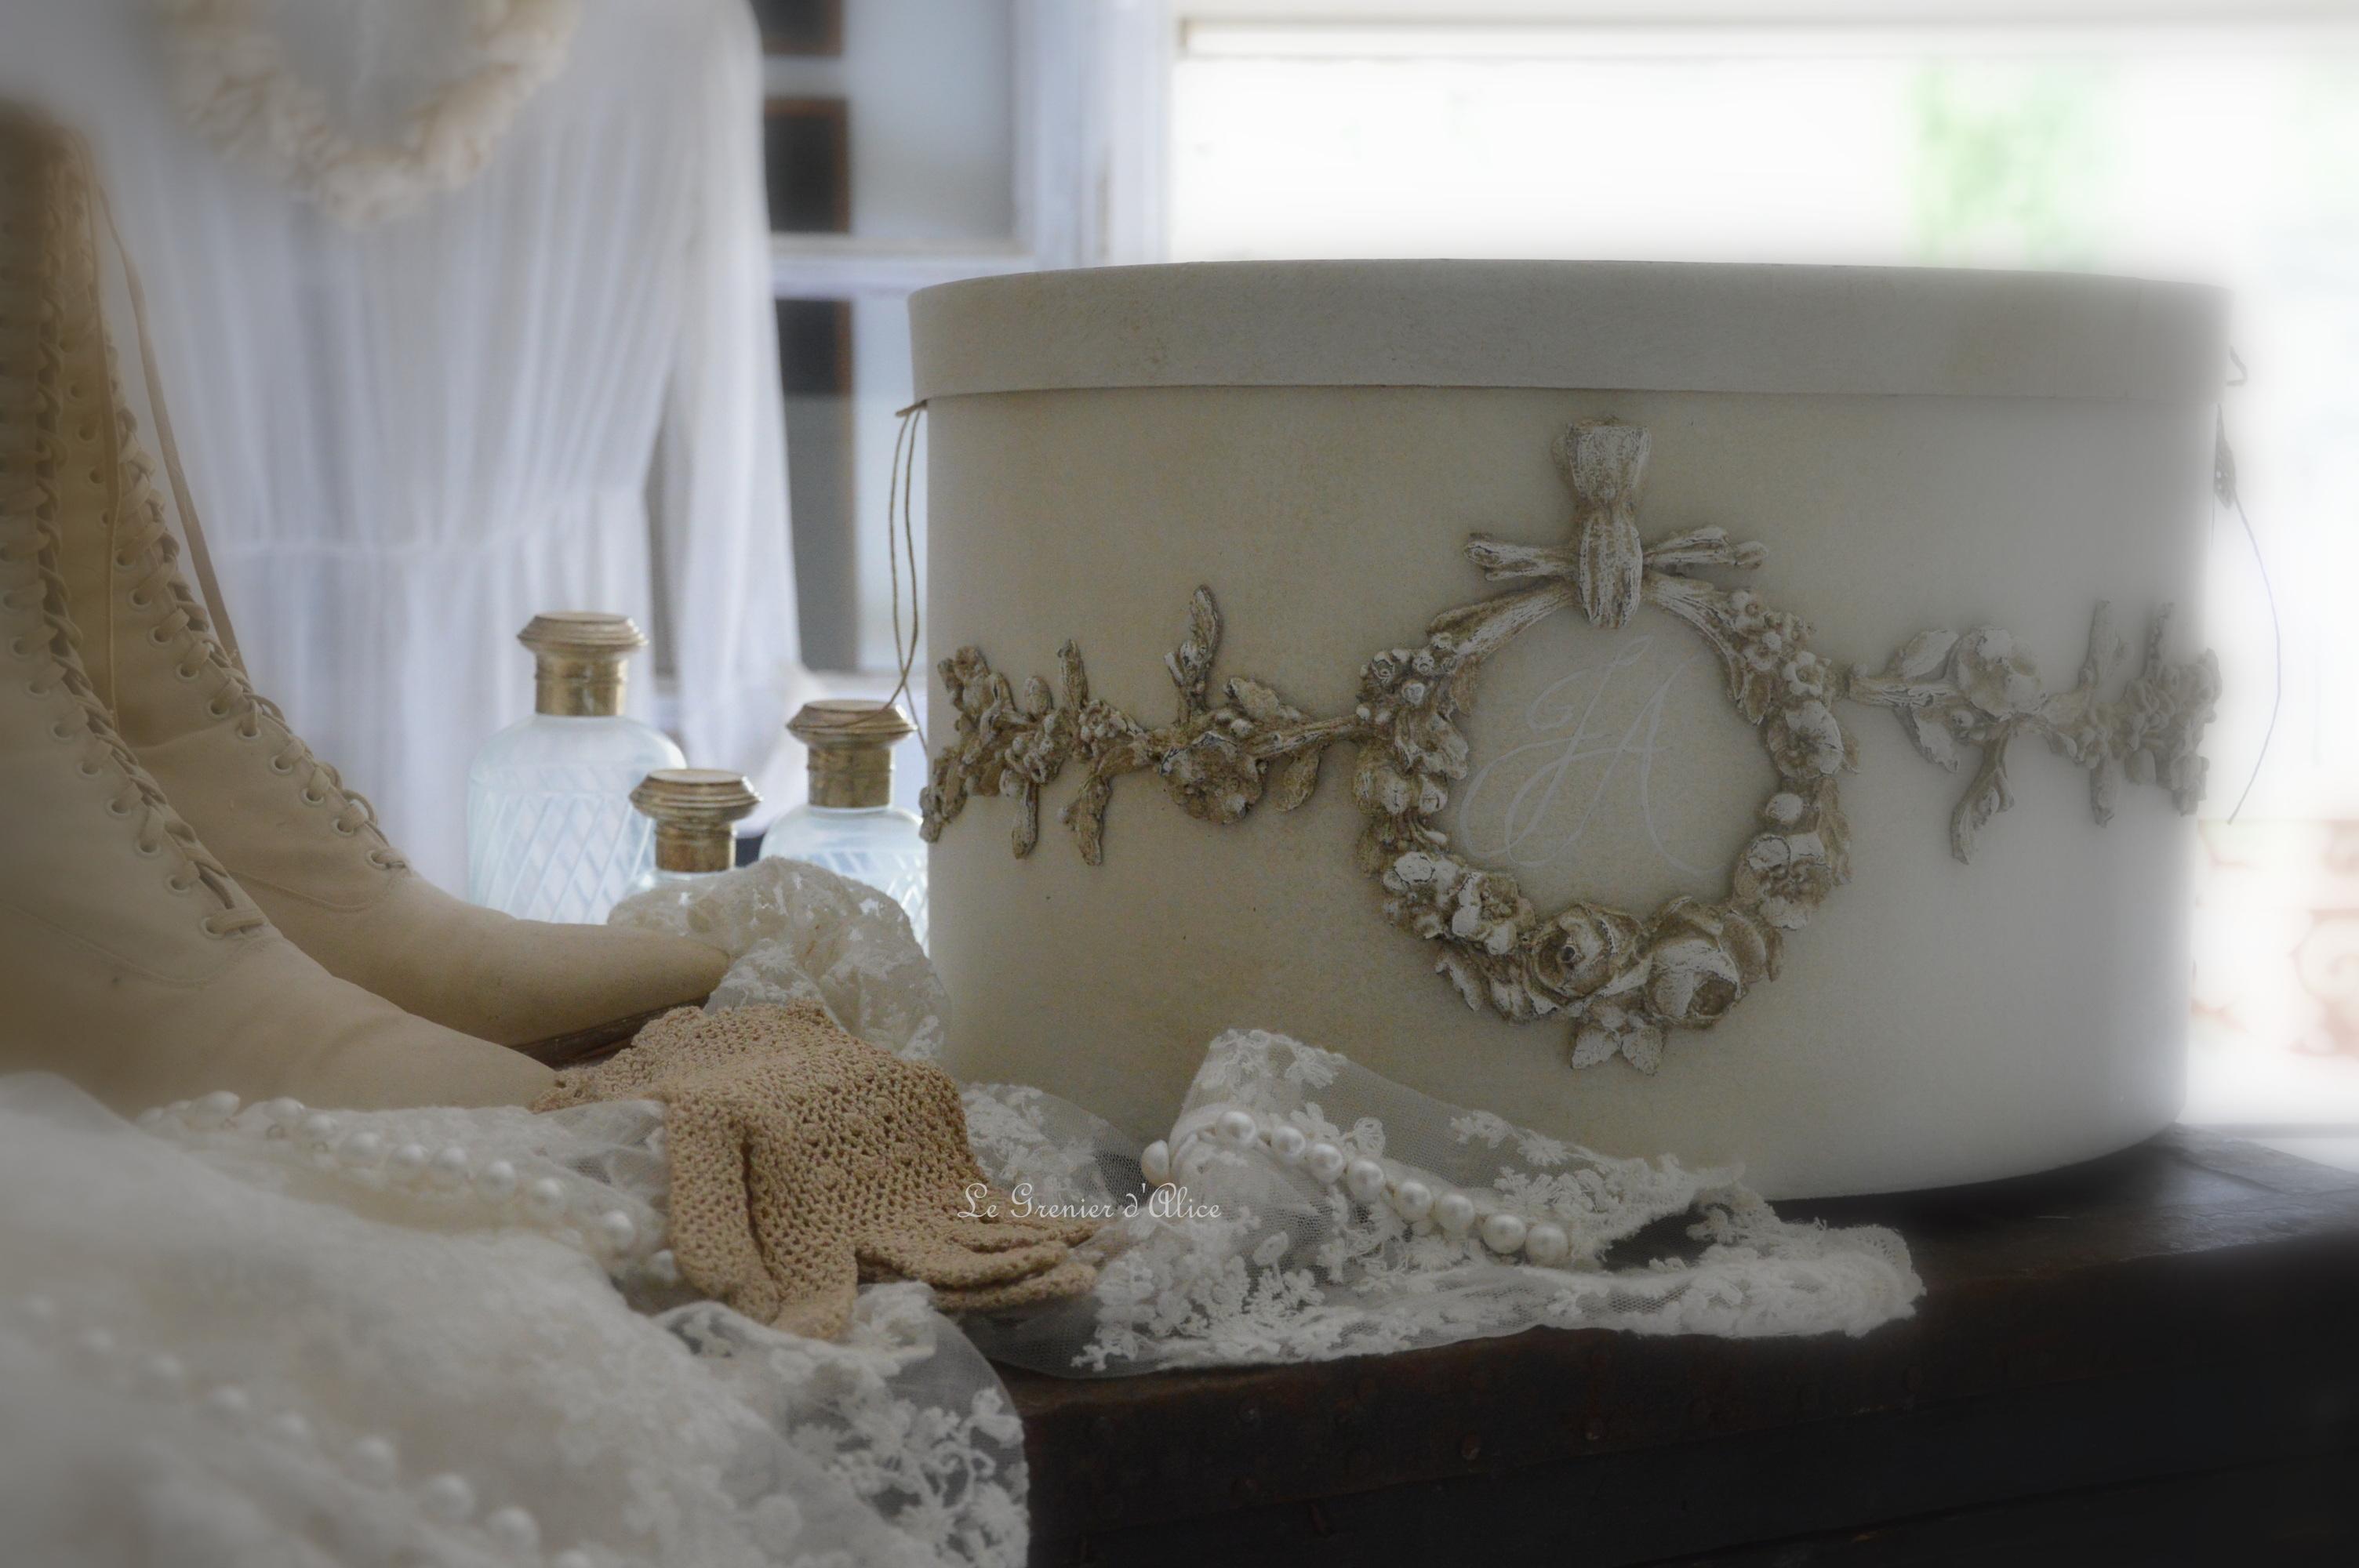 Urne boite mariage wedding box boite shabby chic et romantique noces création le grenier dalice